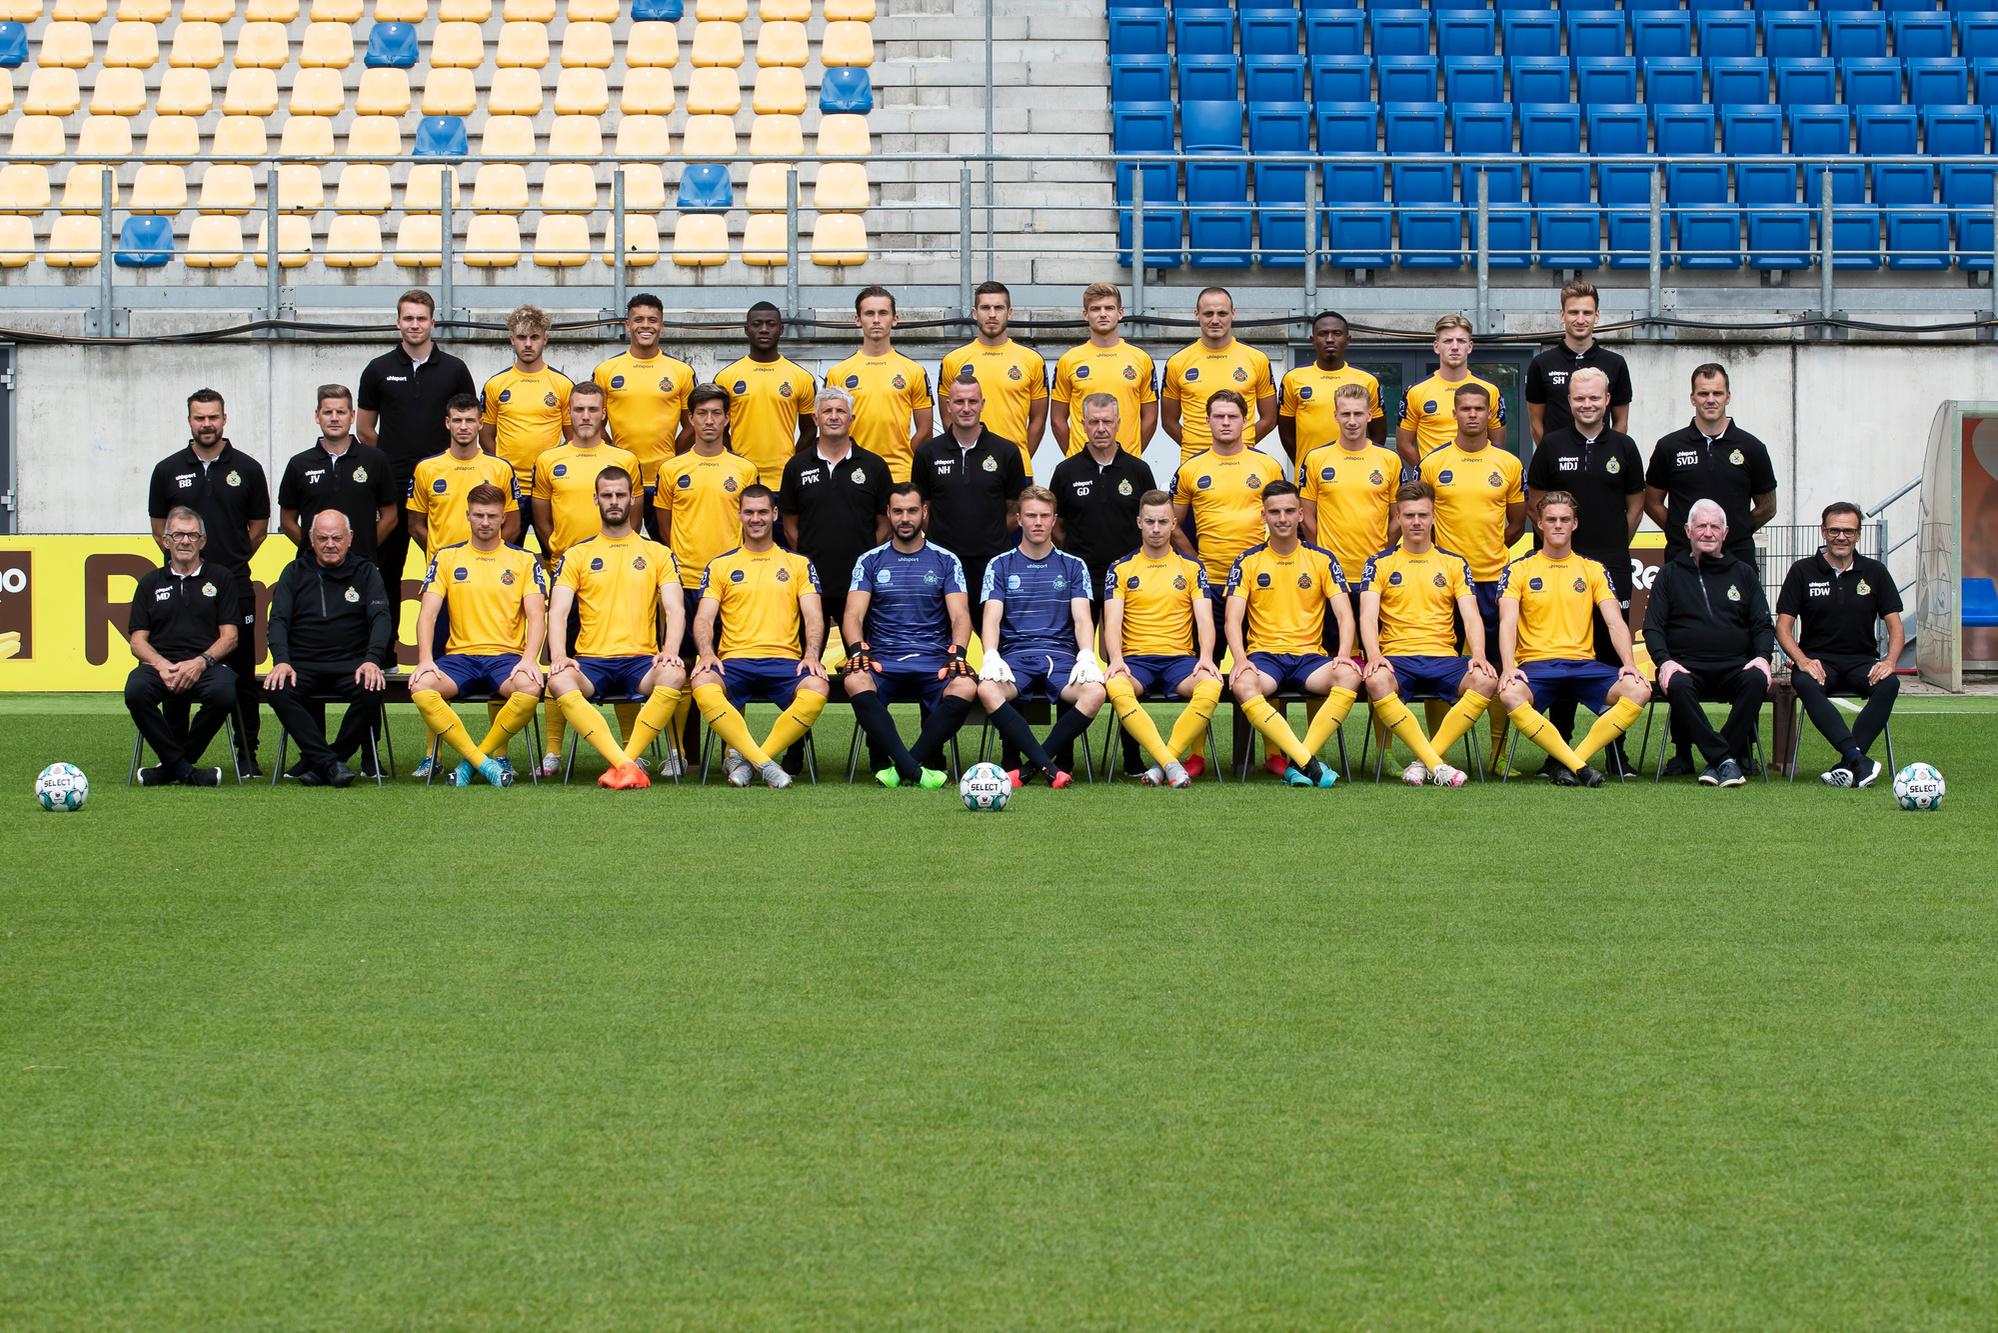 Waasland-Beveren 2020-2021., belga